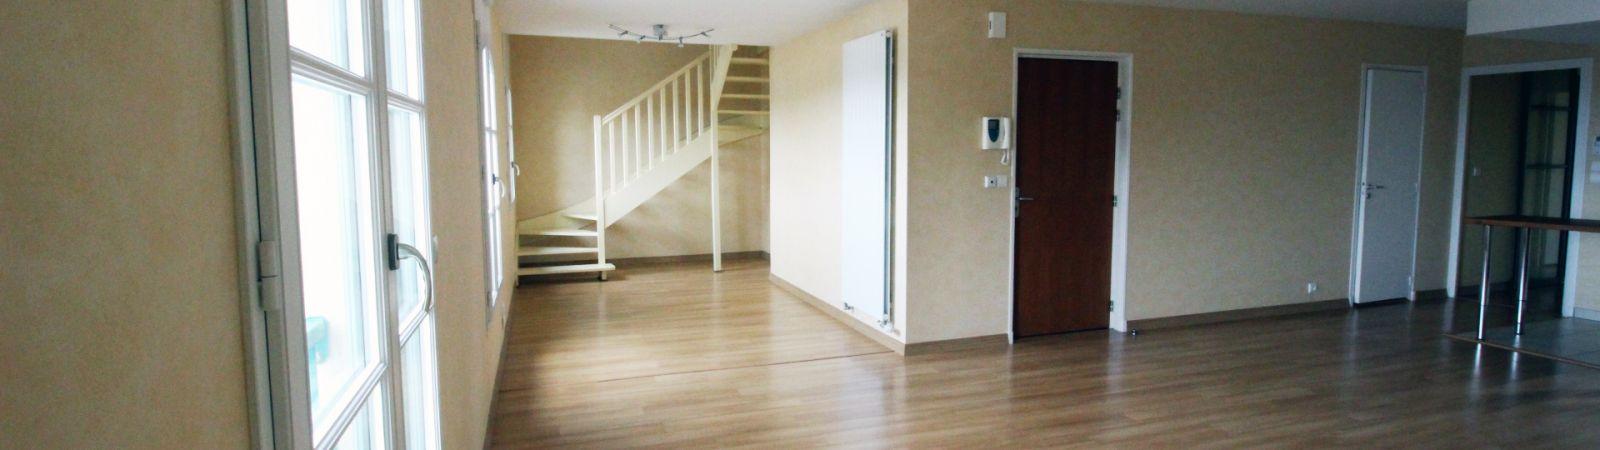 photo 1: Emplacement privilégié pour cet appartement de standing en duplex